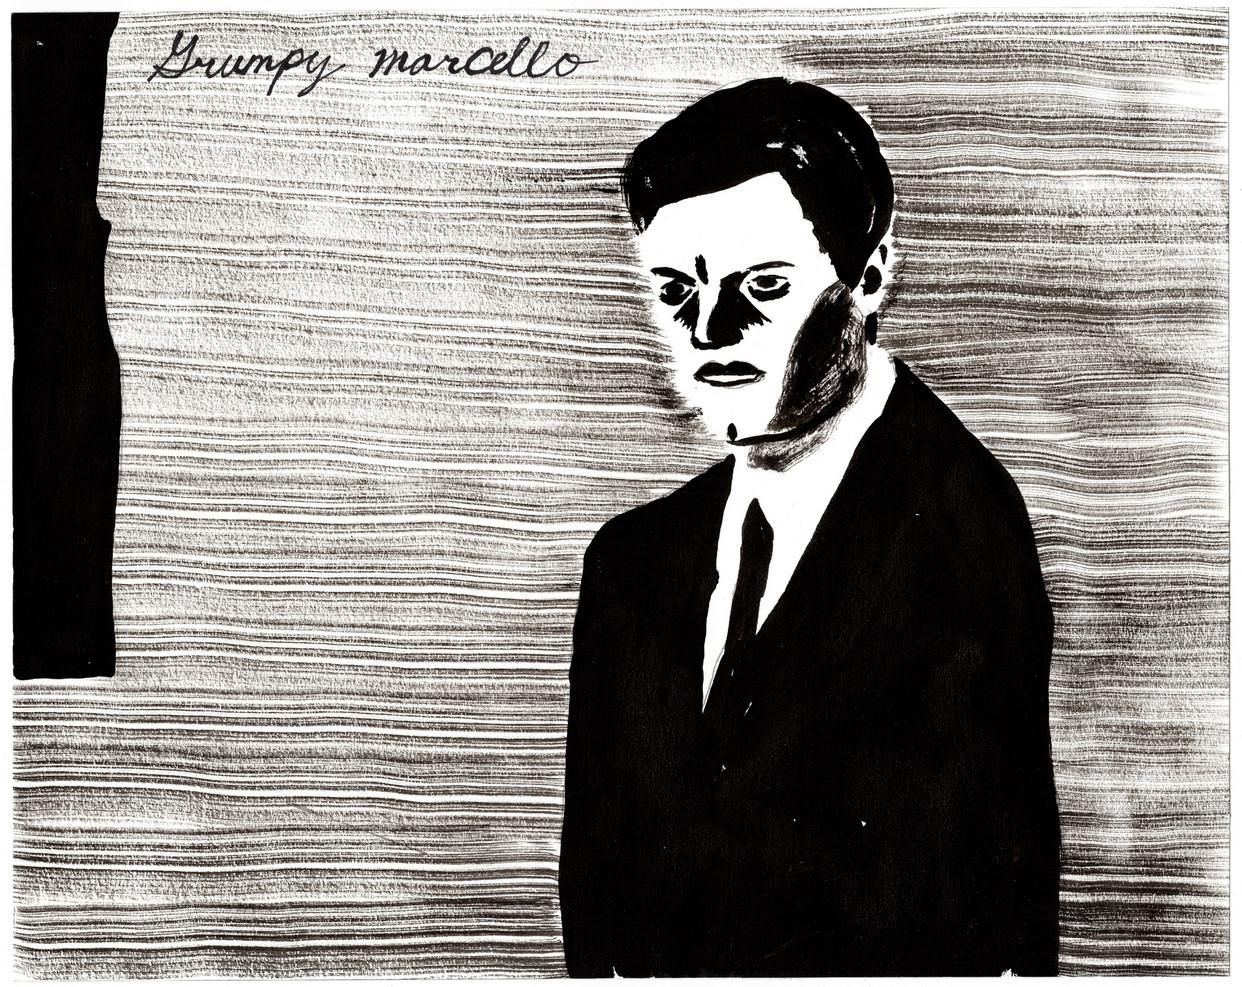 Study for Grumpy Marcello